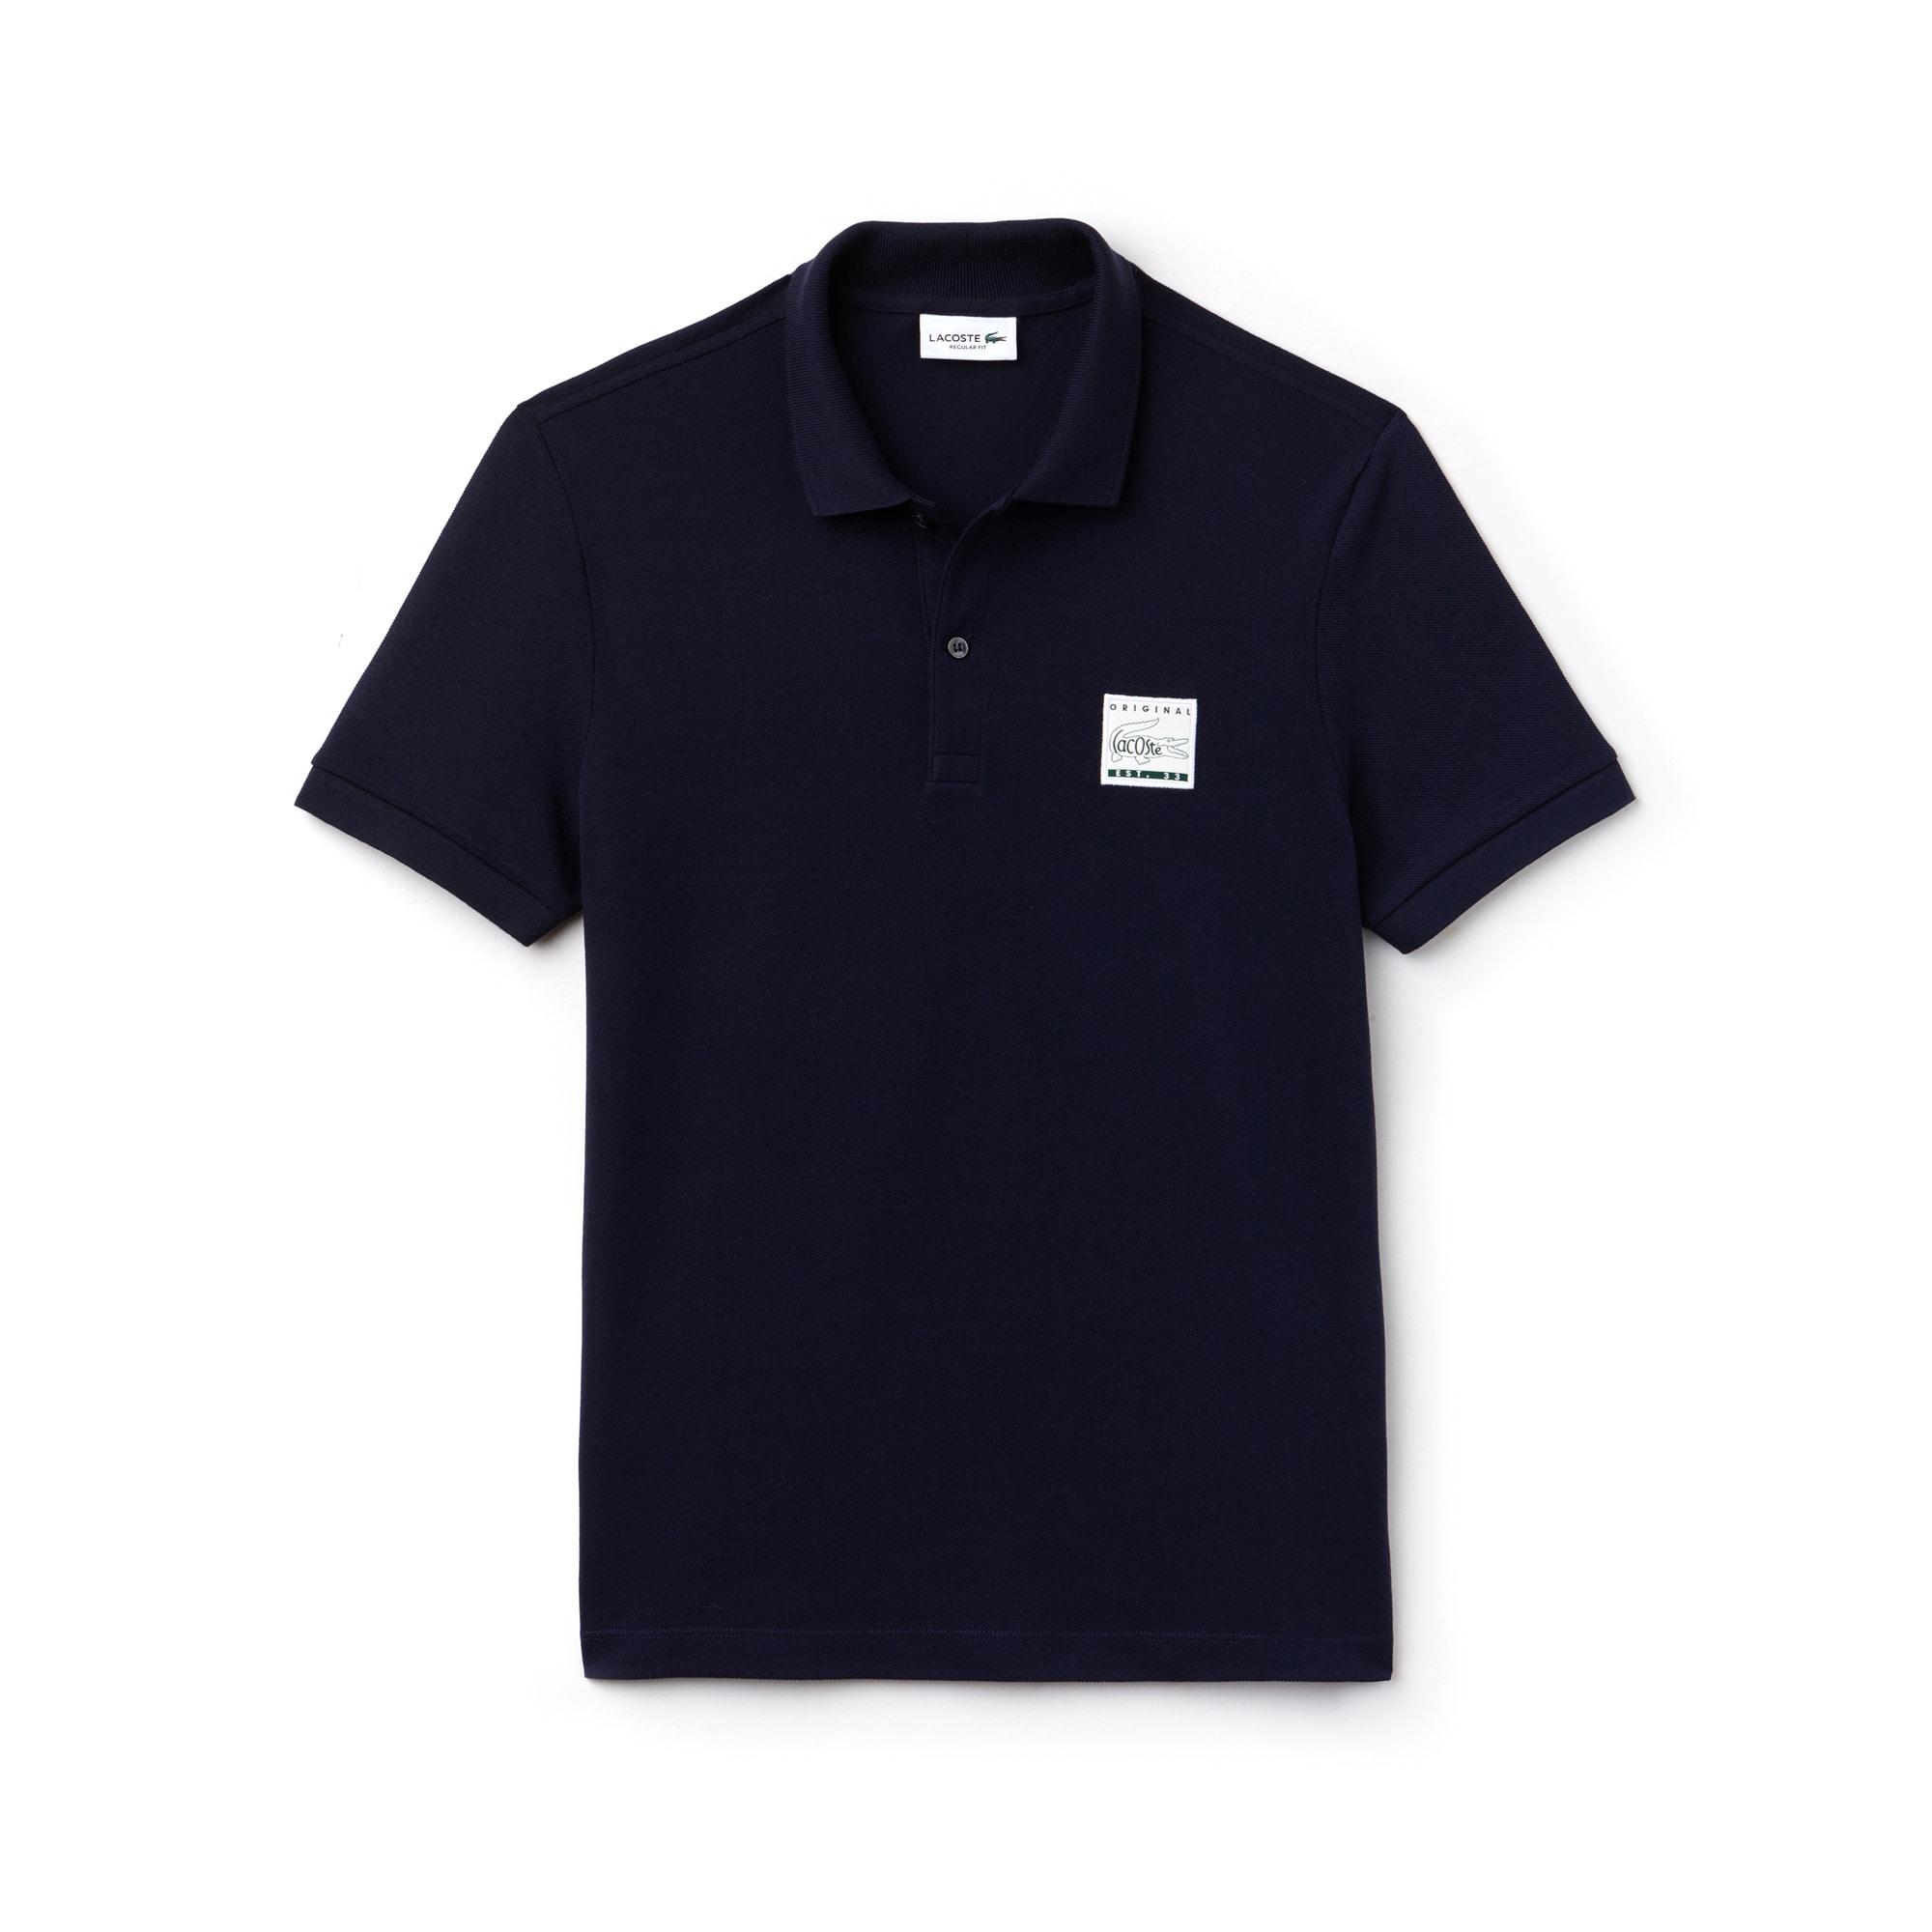 Men's Lacoste Regular Fit Patch Cotton Petit Piqué Polo Shirt